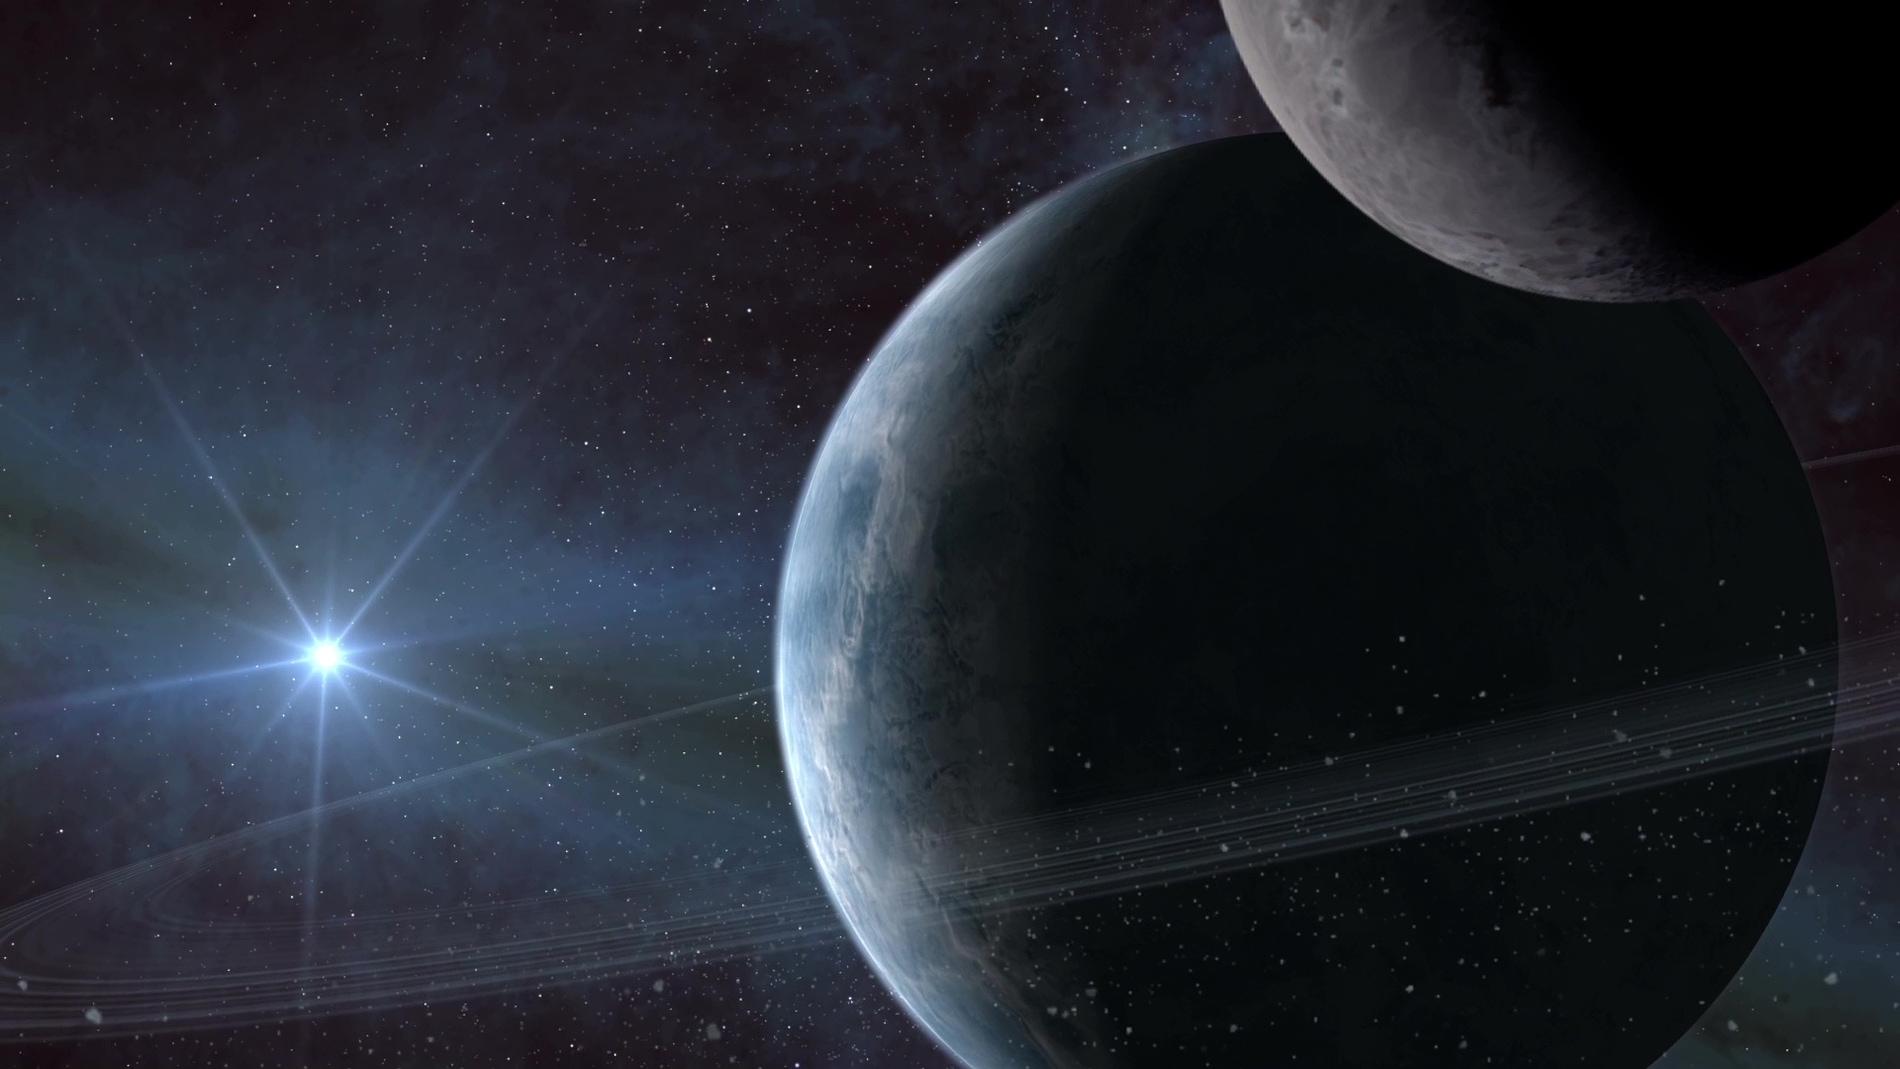 Representación artística de un exoplanet